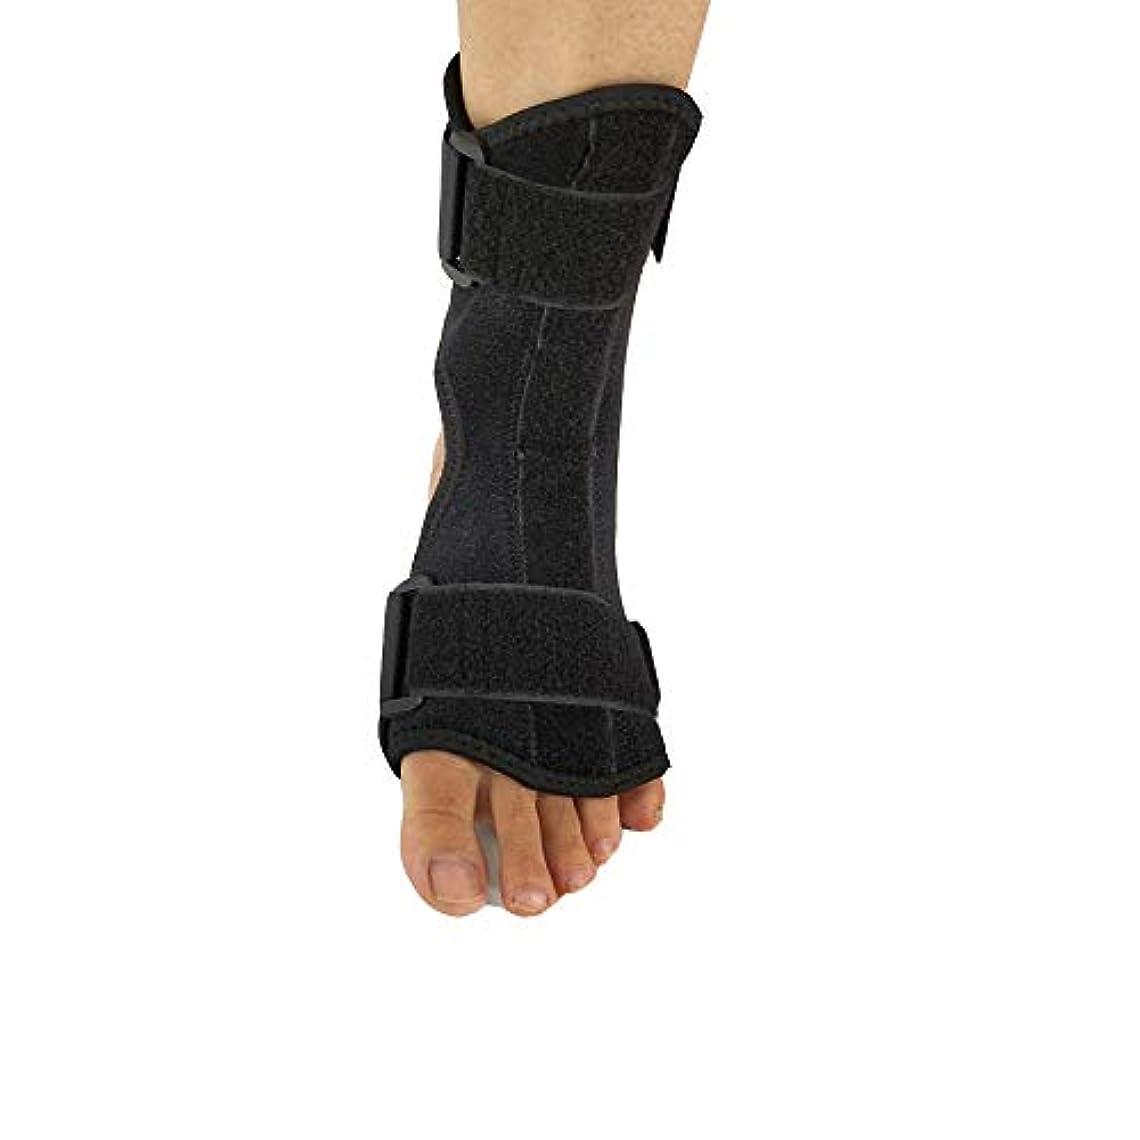 有害気取らない保持する足首安定器、足首ブレース、足首サポート、スプリントサポート足首矯正装具ブレース、捻rainサポート、緊張、関節炎